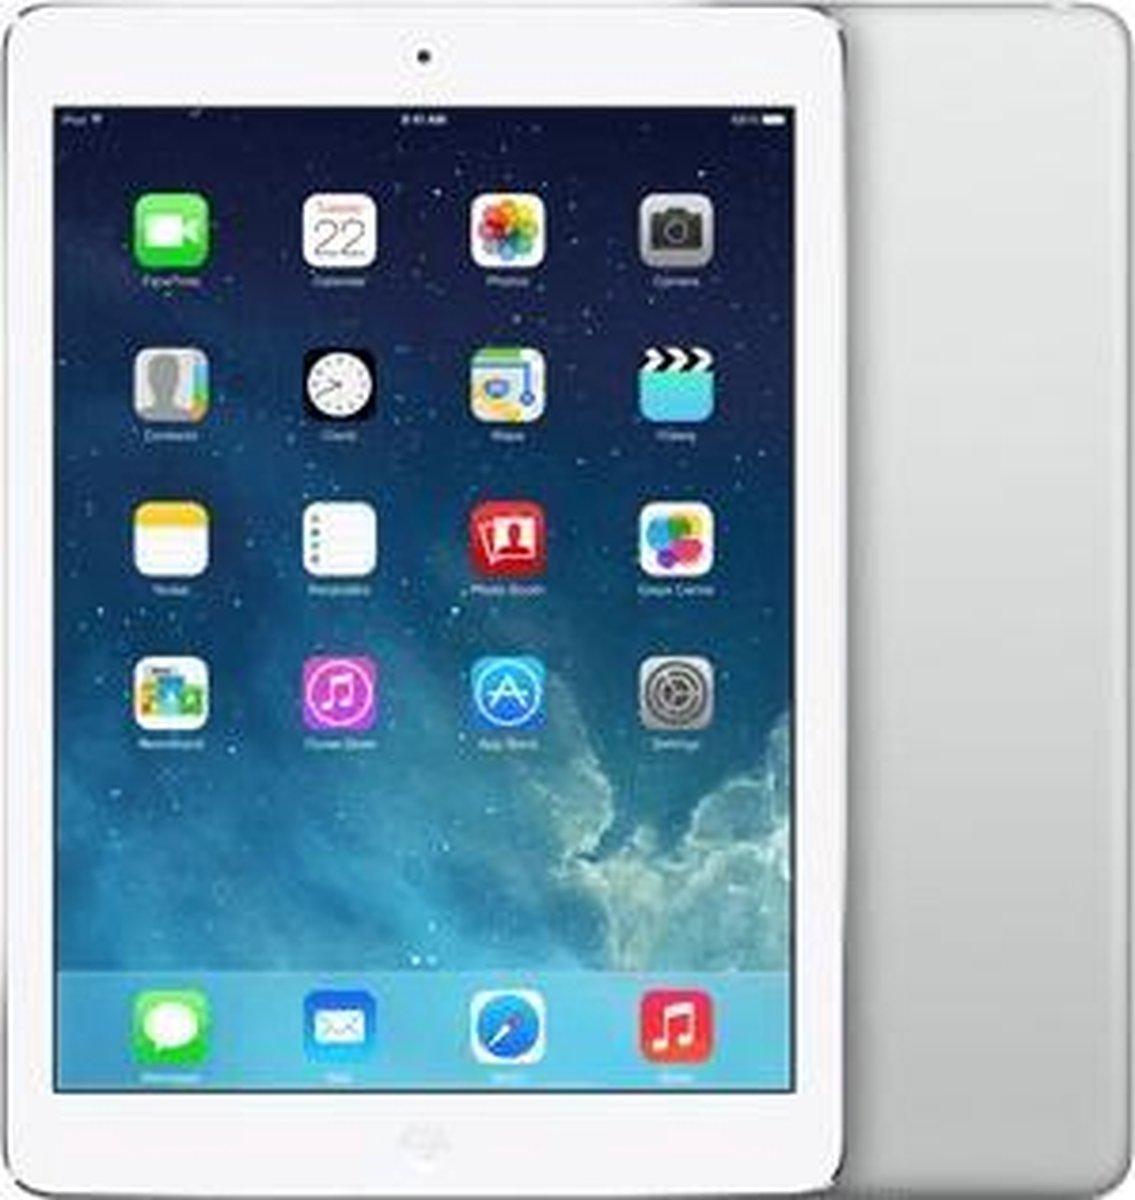 Forza Refurbished iPad Air 16GB Wit Wifi only   A grade   Zo goed als nieuw   Inclusief 2 jaar garantie